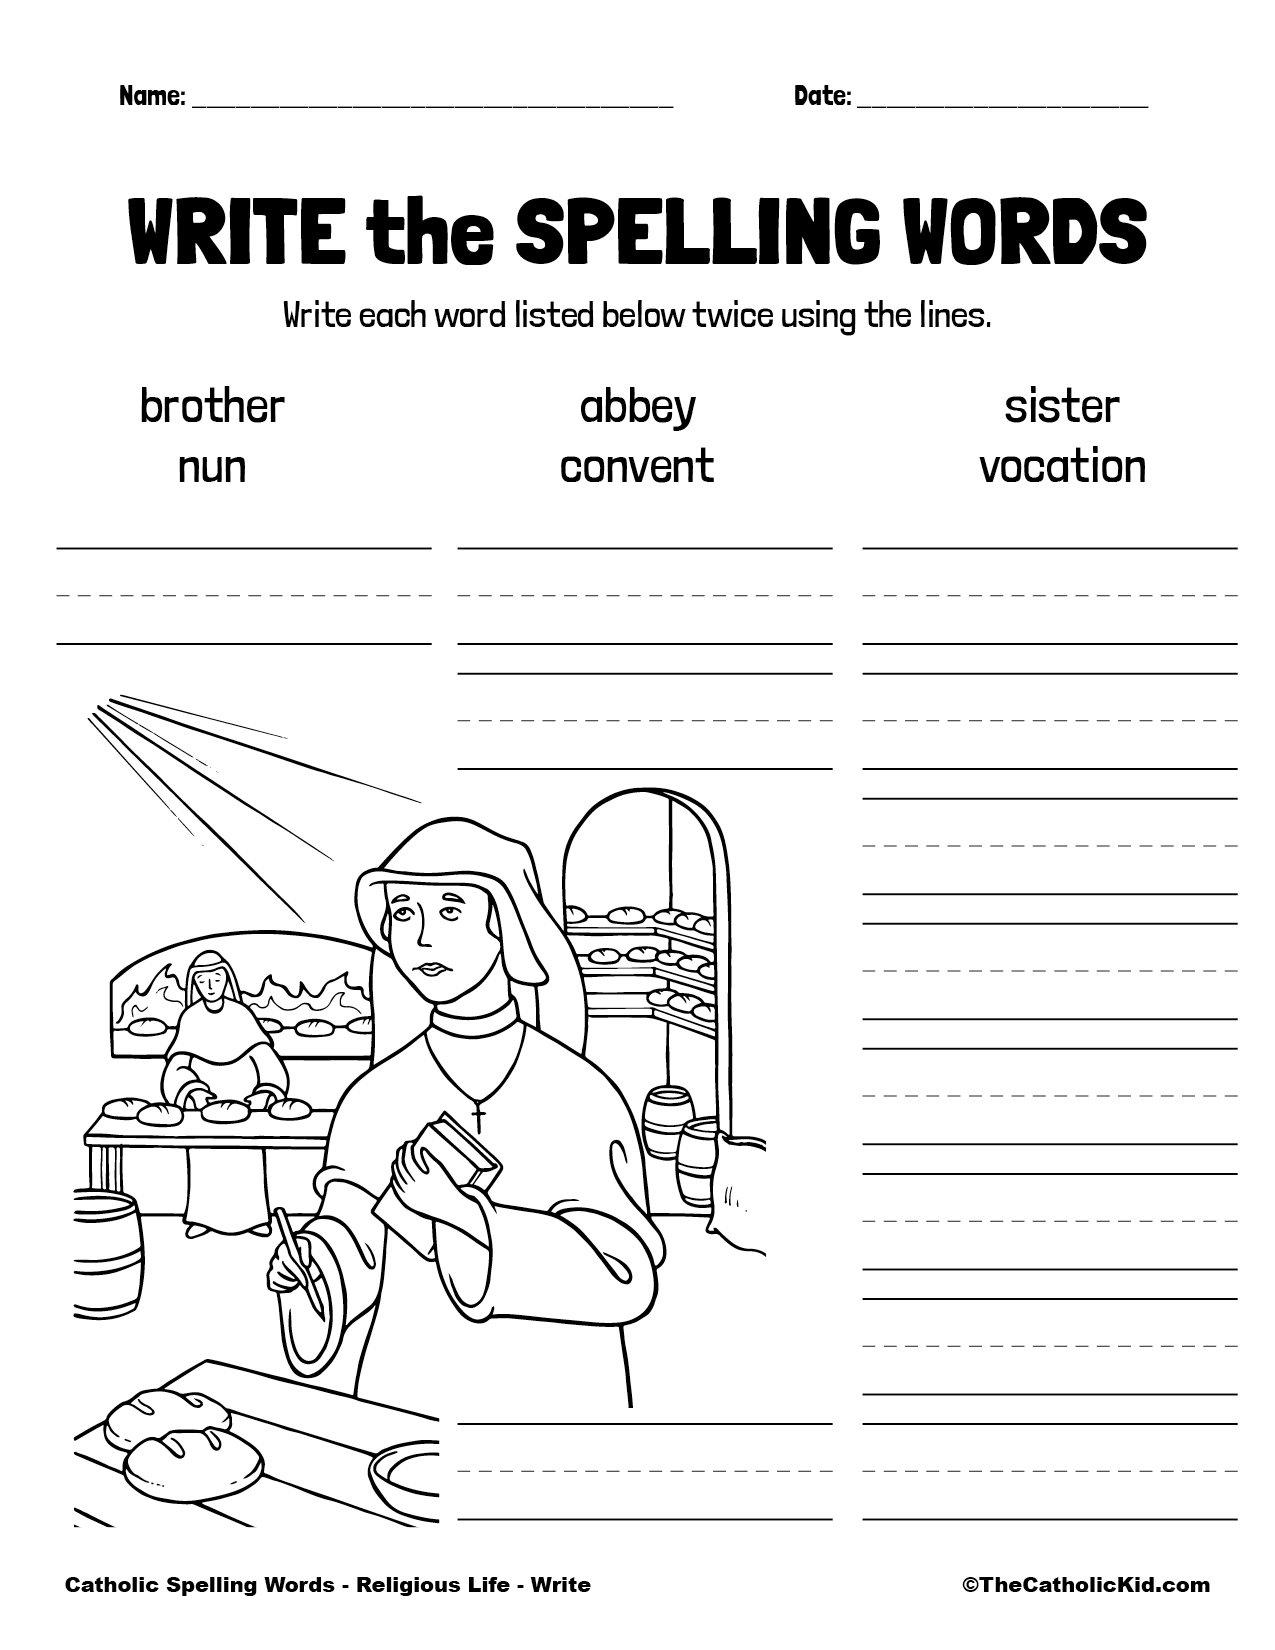 Catholic Spelling & Vocabulary Words Religious Life Worksheet 3 Write